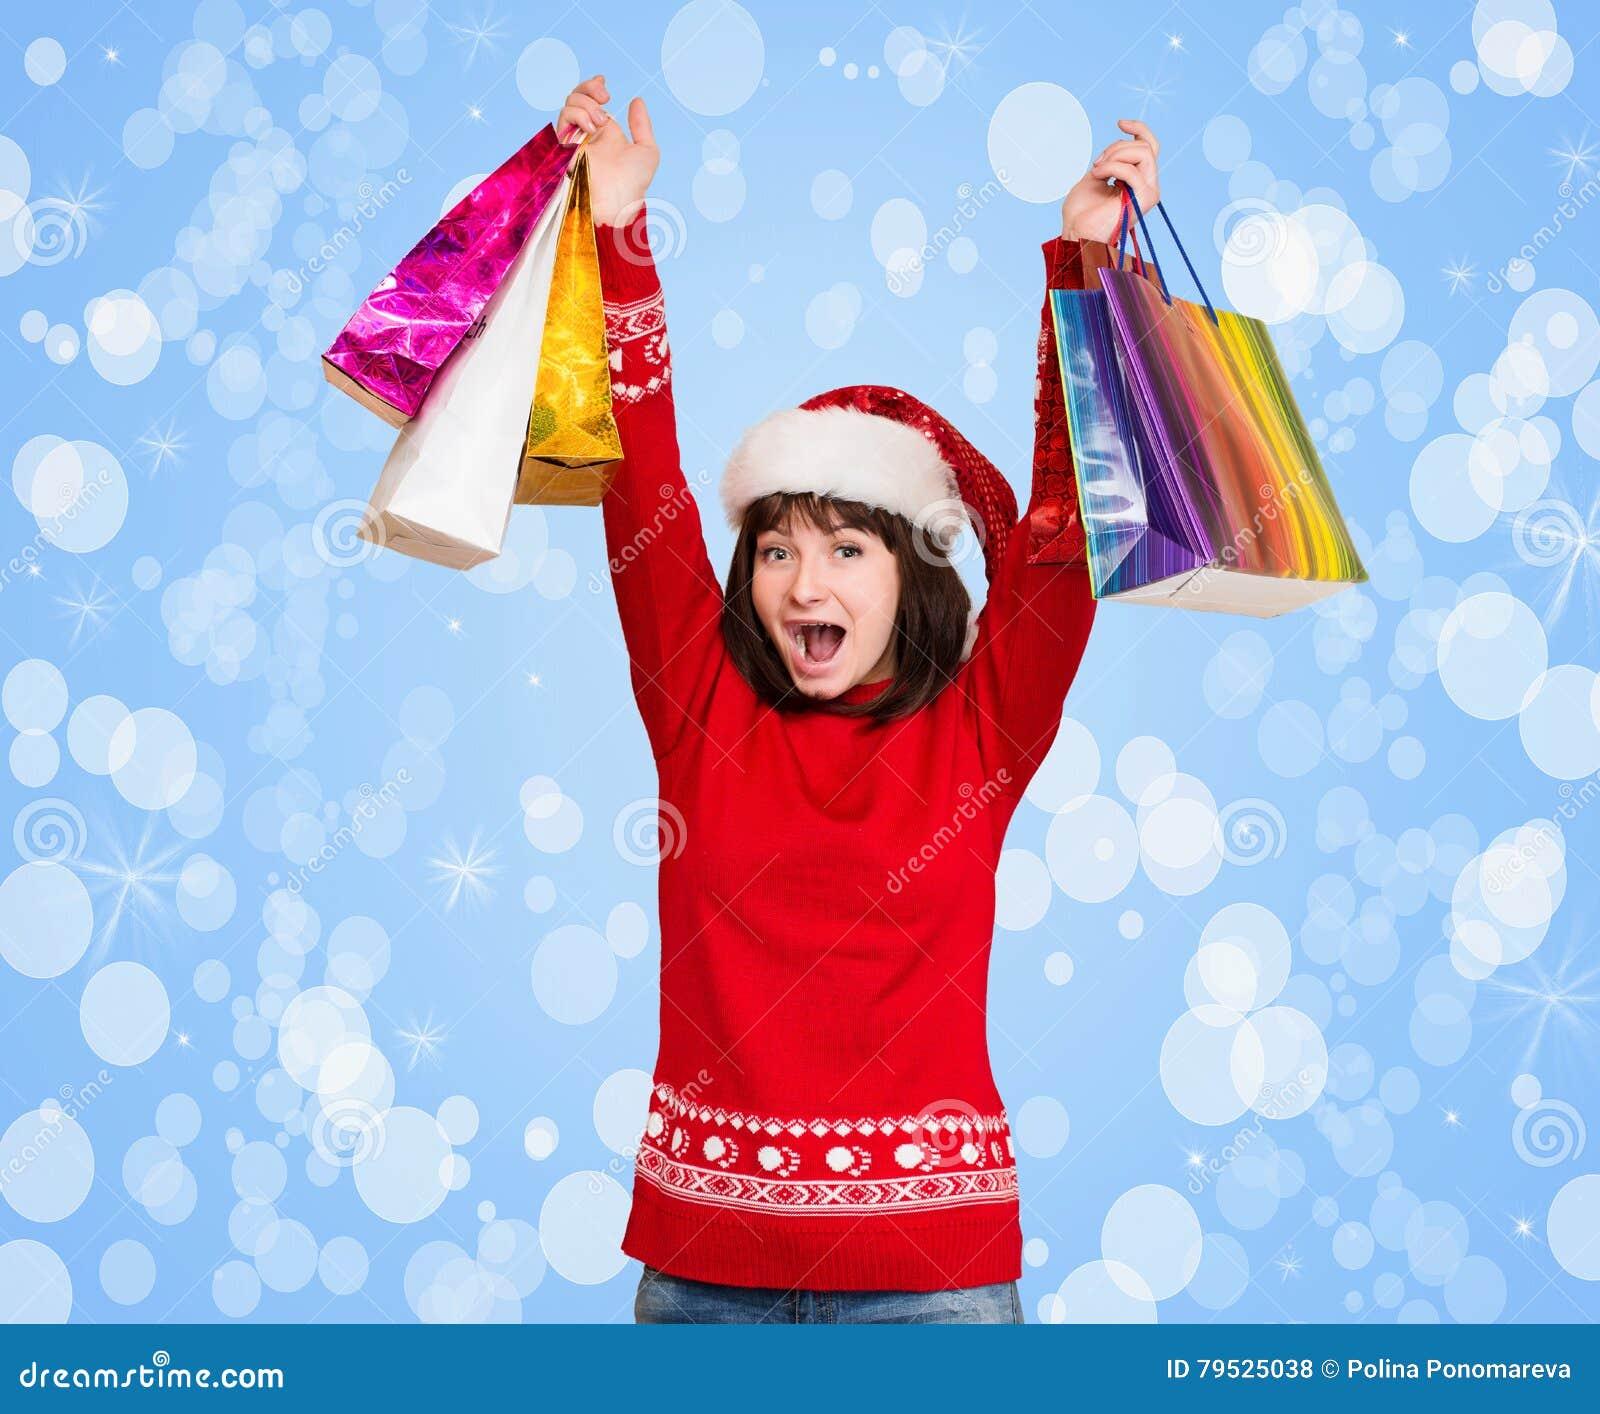 Junges Mädchen mit einem Weihnachts-Sankt-Hut auf ihrem Kopf, shopp halten